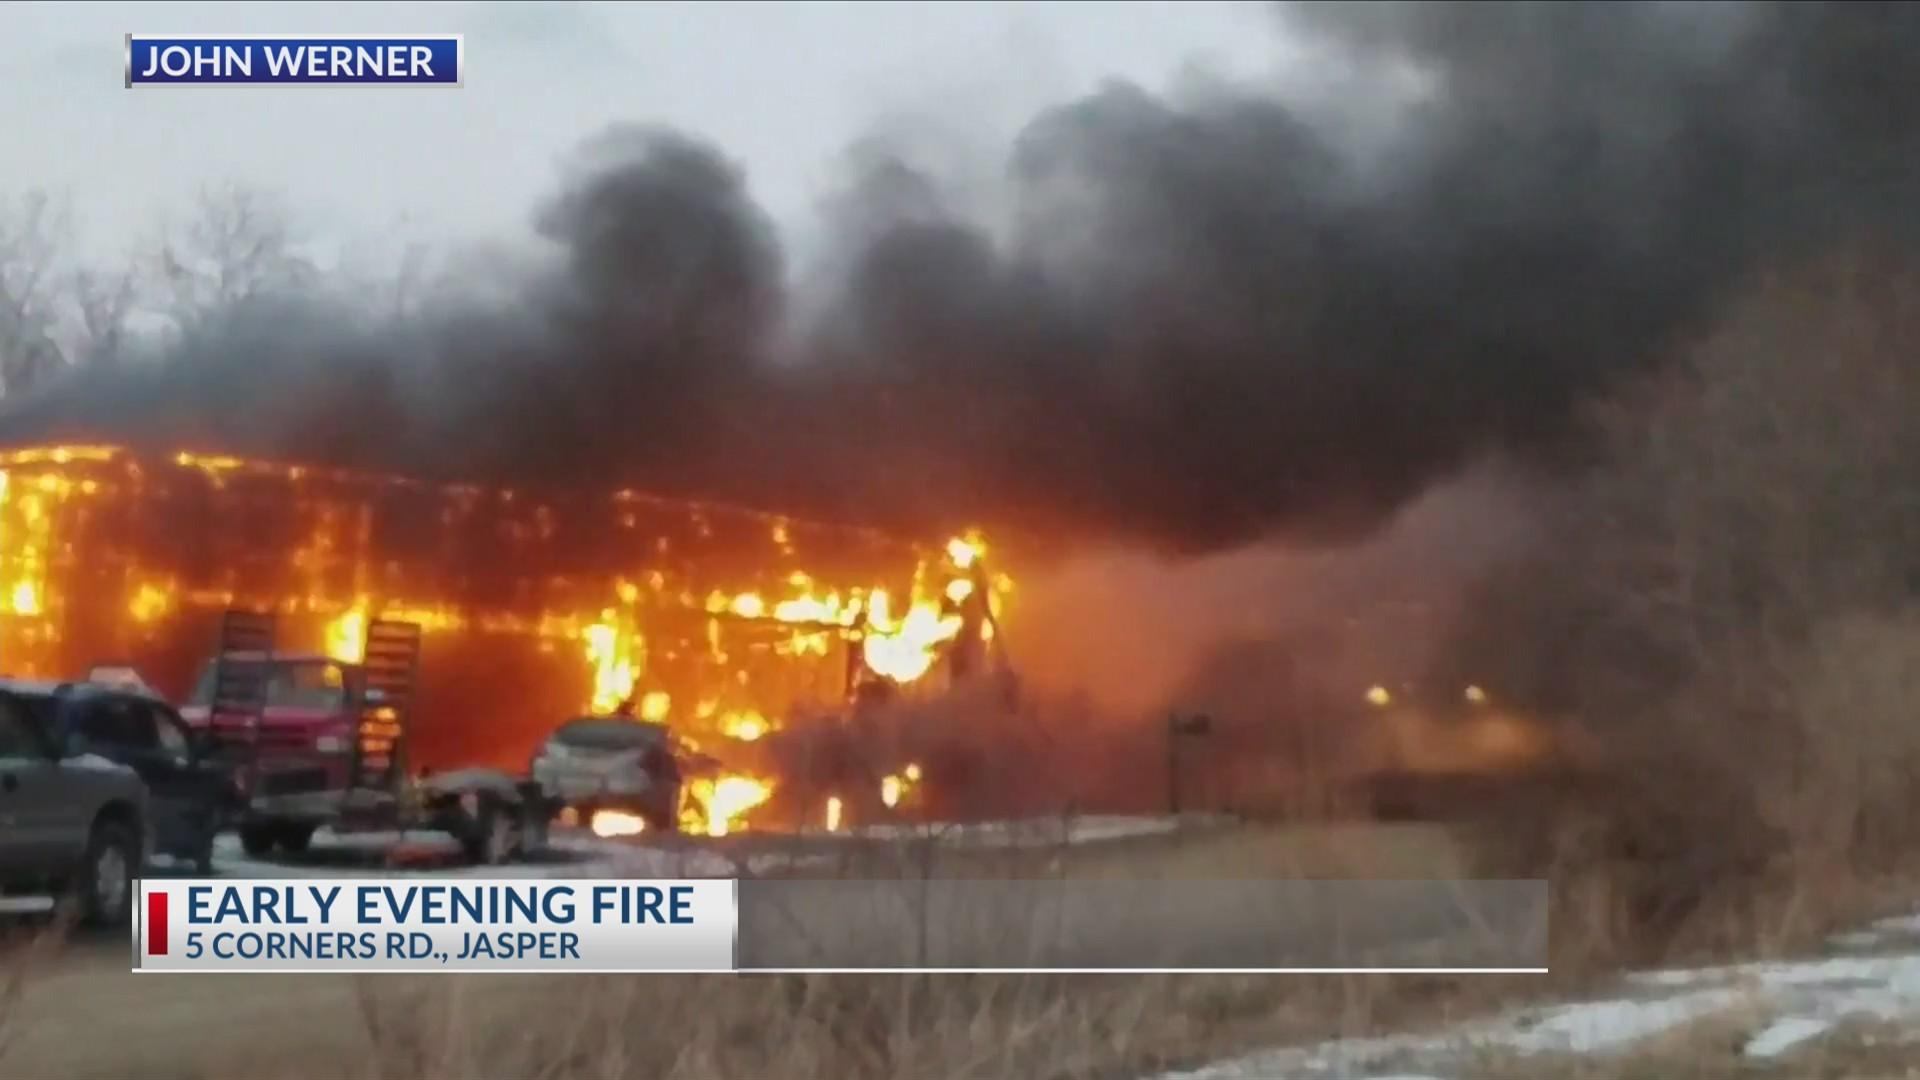 Jasper Fire